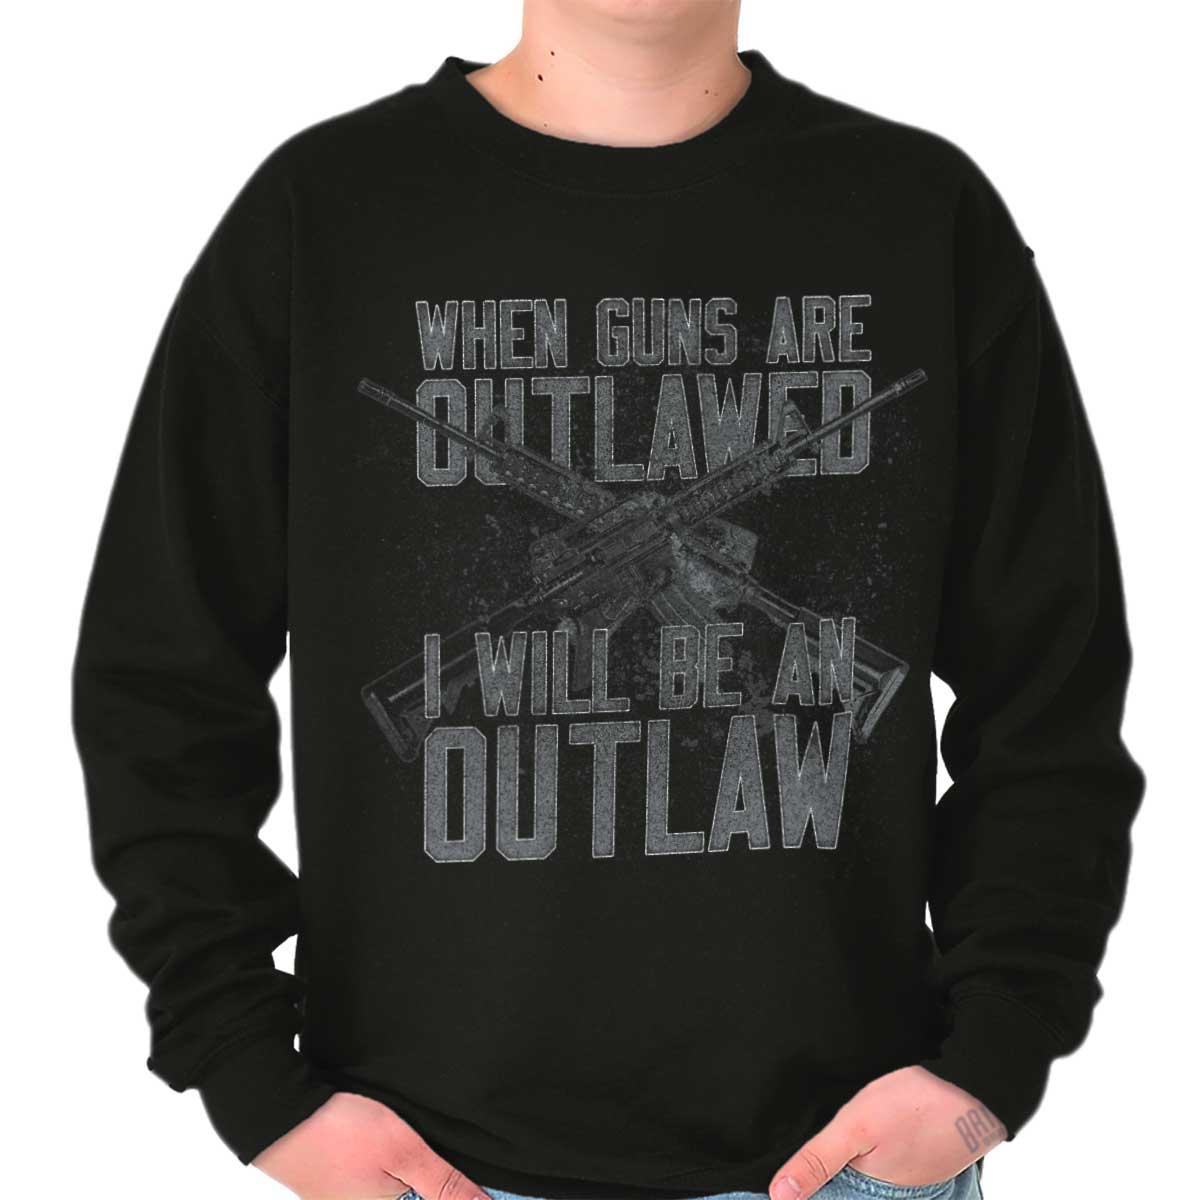 Property Armed Citizen USA Shirt2nd Amendment America Gun Zip Hoodie